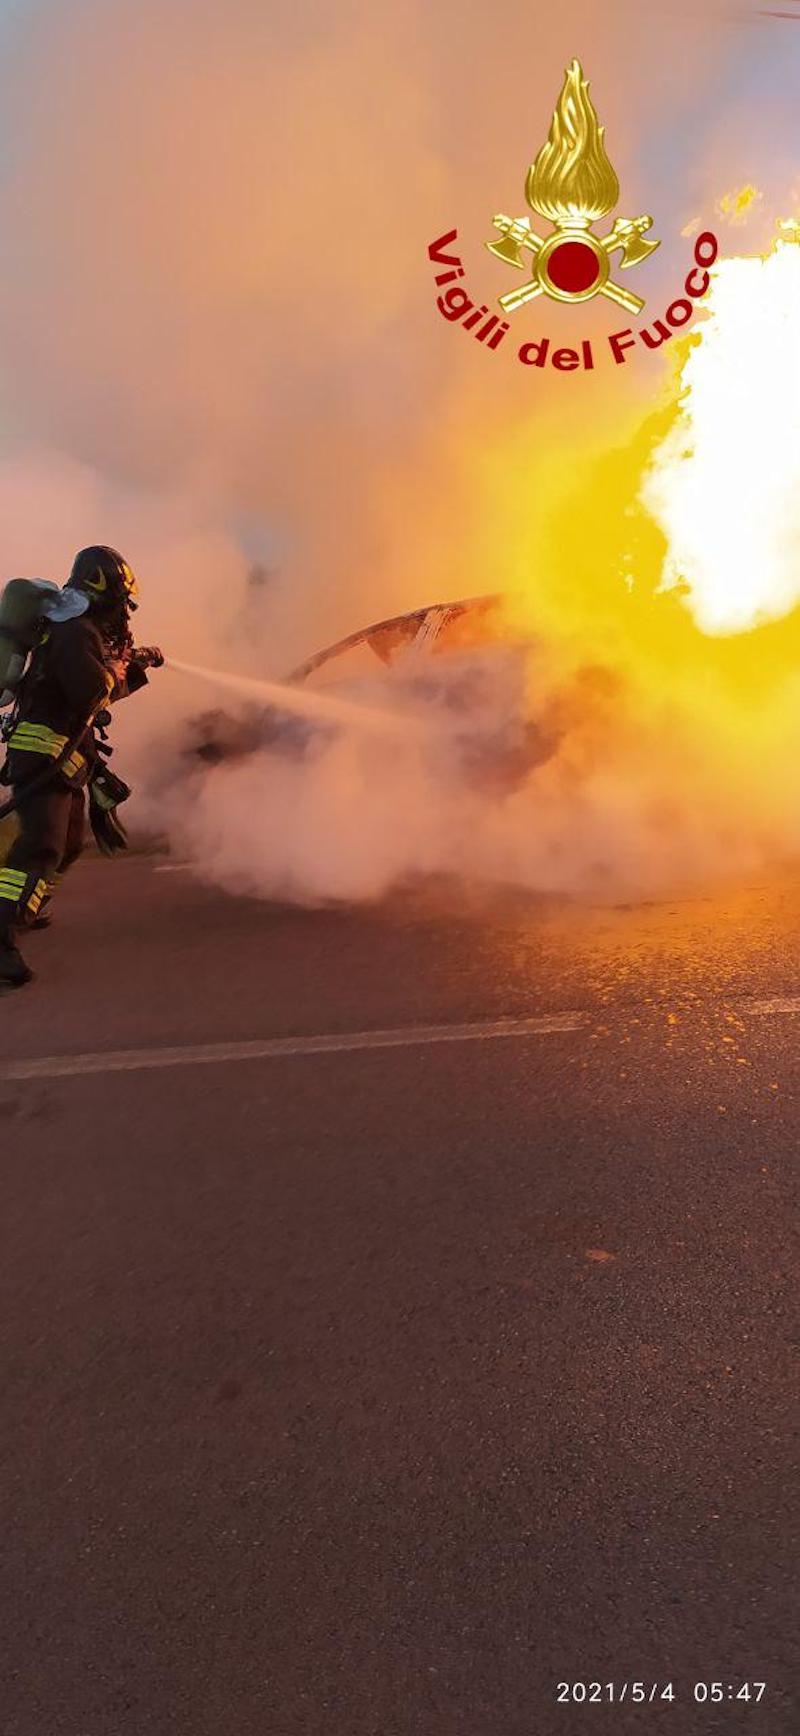 Vigili del Fuoco – Altivole Loc. San Vito (TV), Incidente stradale mortale in Via degli Alpini: Fiat Punto esce di strada e si incendia, morta carbonizzata la 19enne alla guida